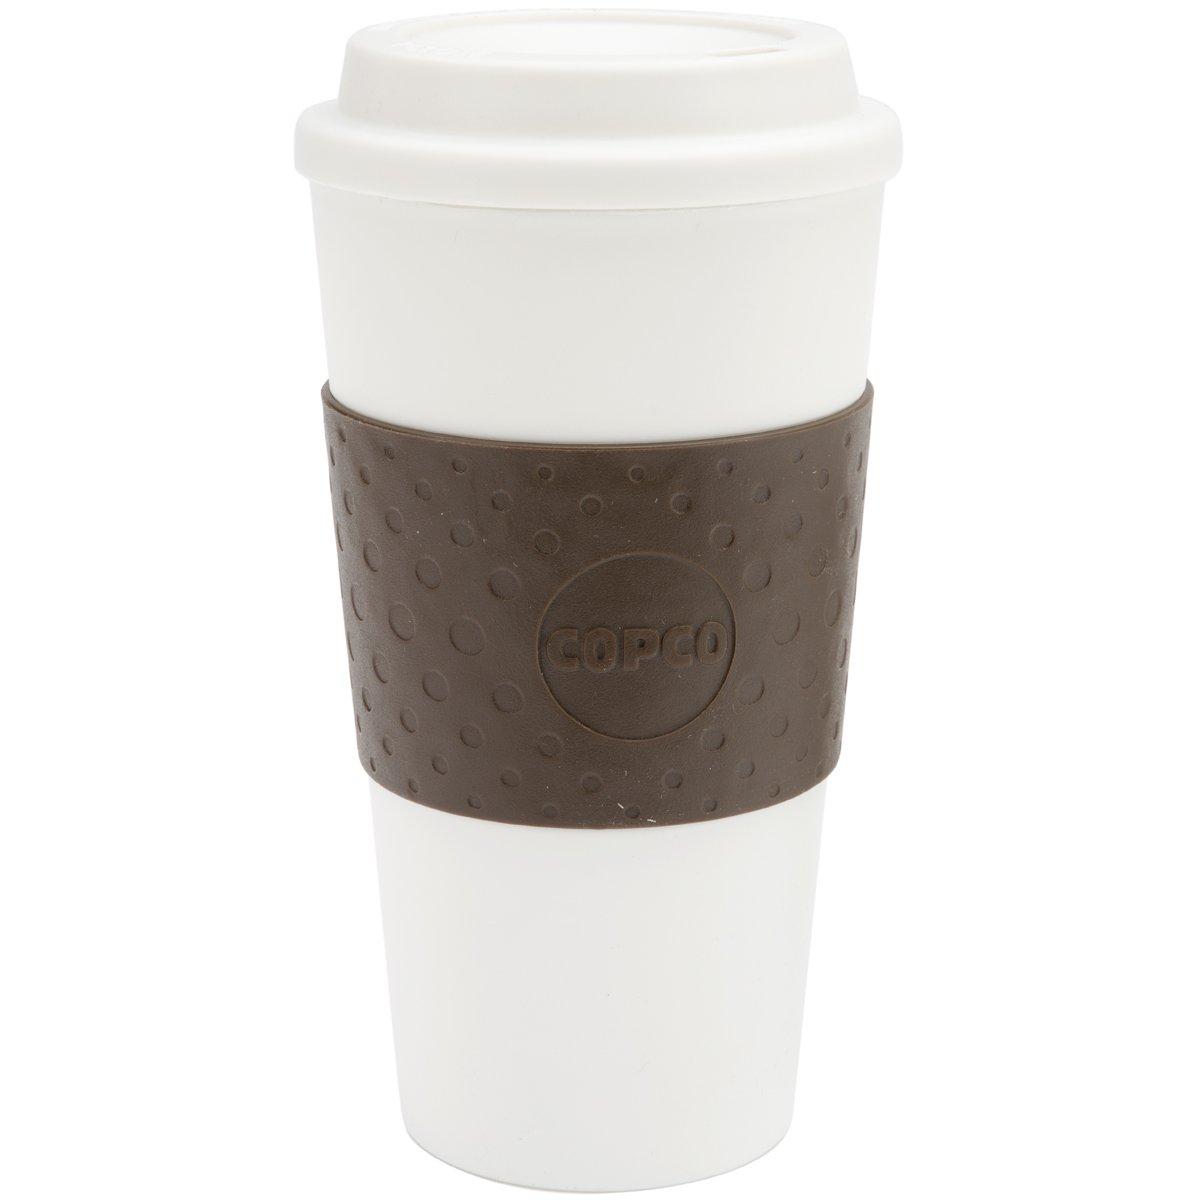 5YG35ouN6Ieq5ouNIOS6muW3nuS4kWMug==_copco 2510-9963 acadia reusable to-go mug 16-ounce capacity